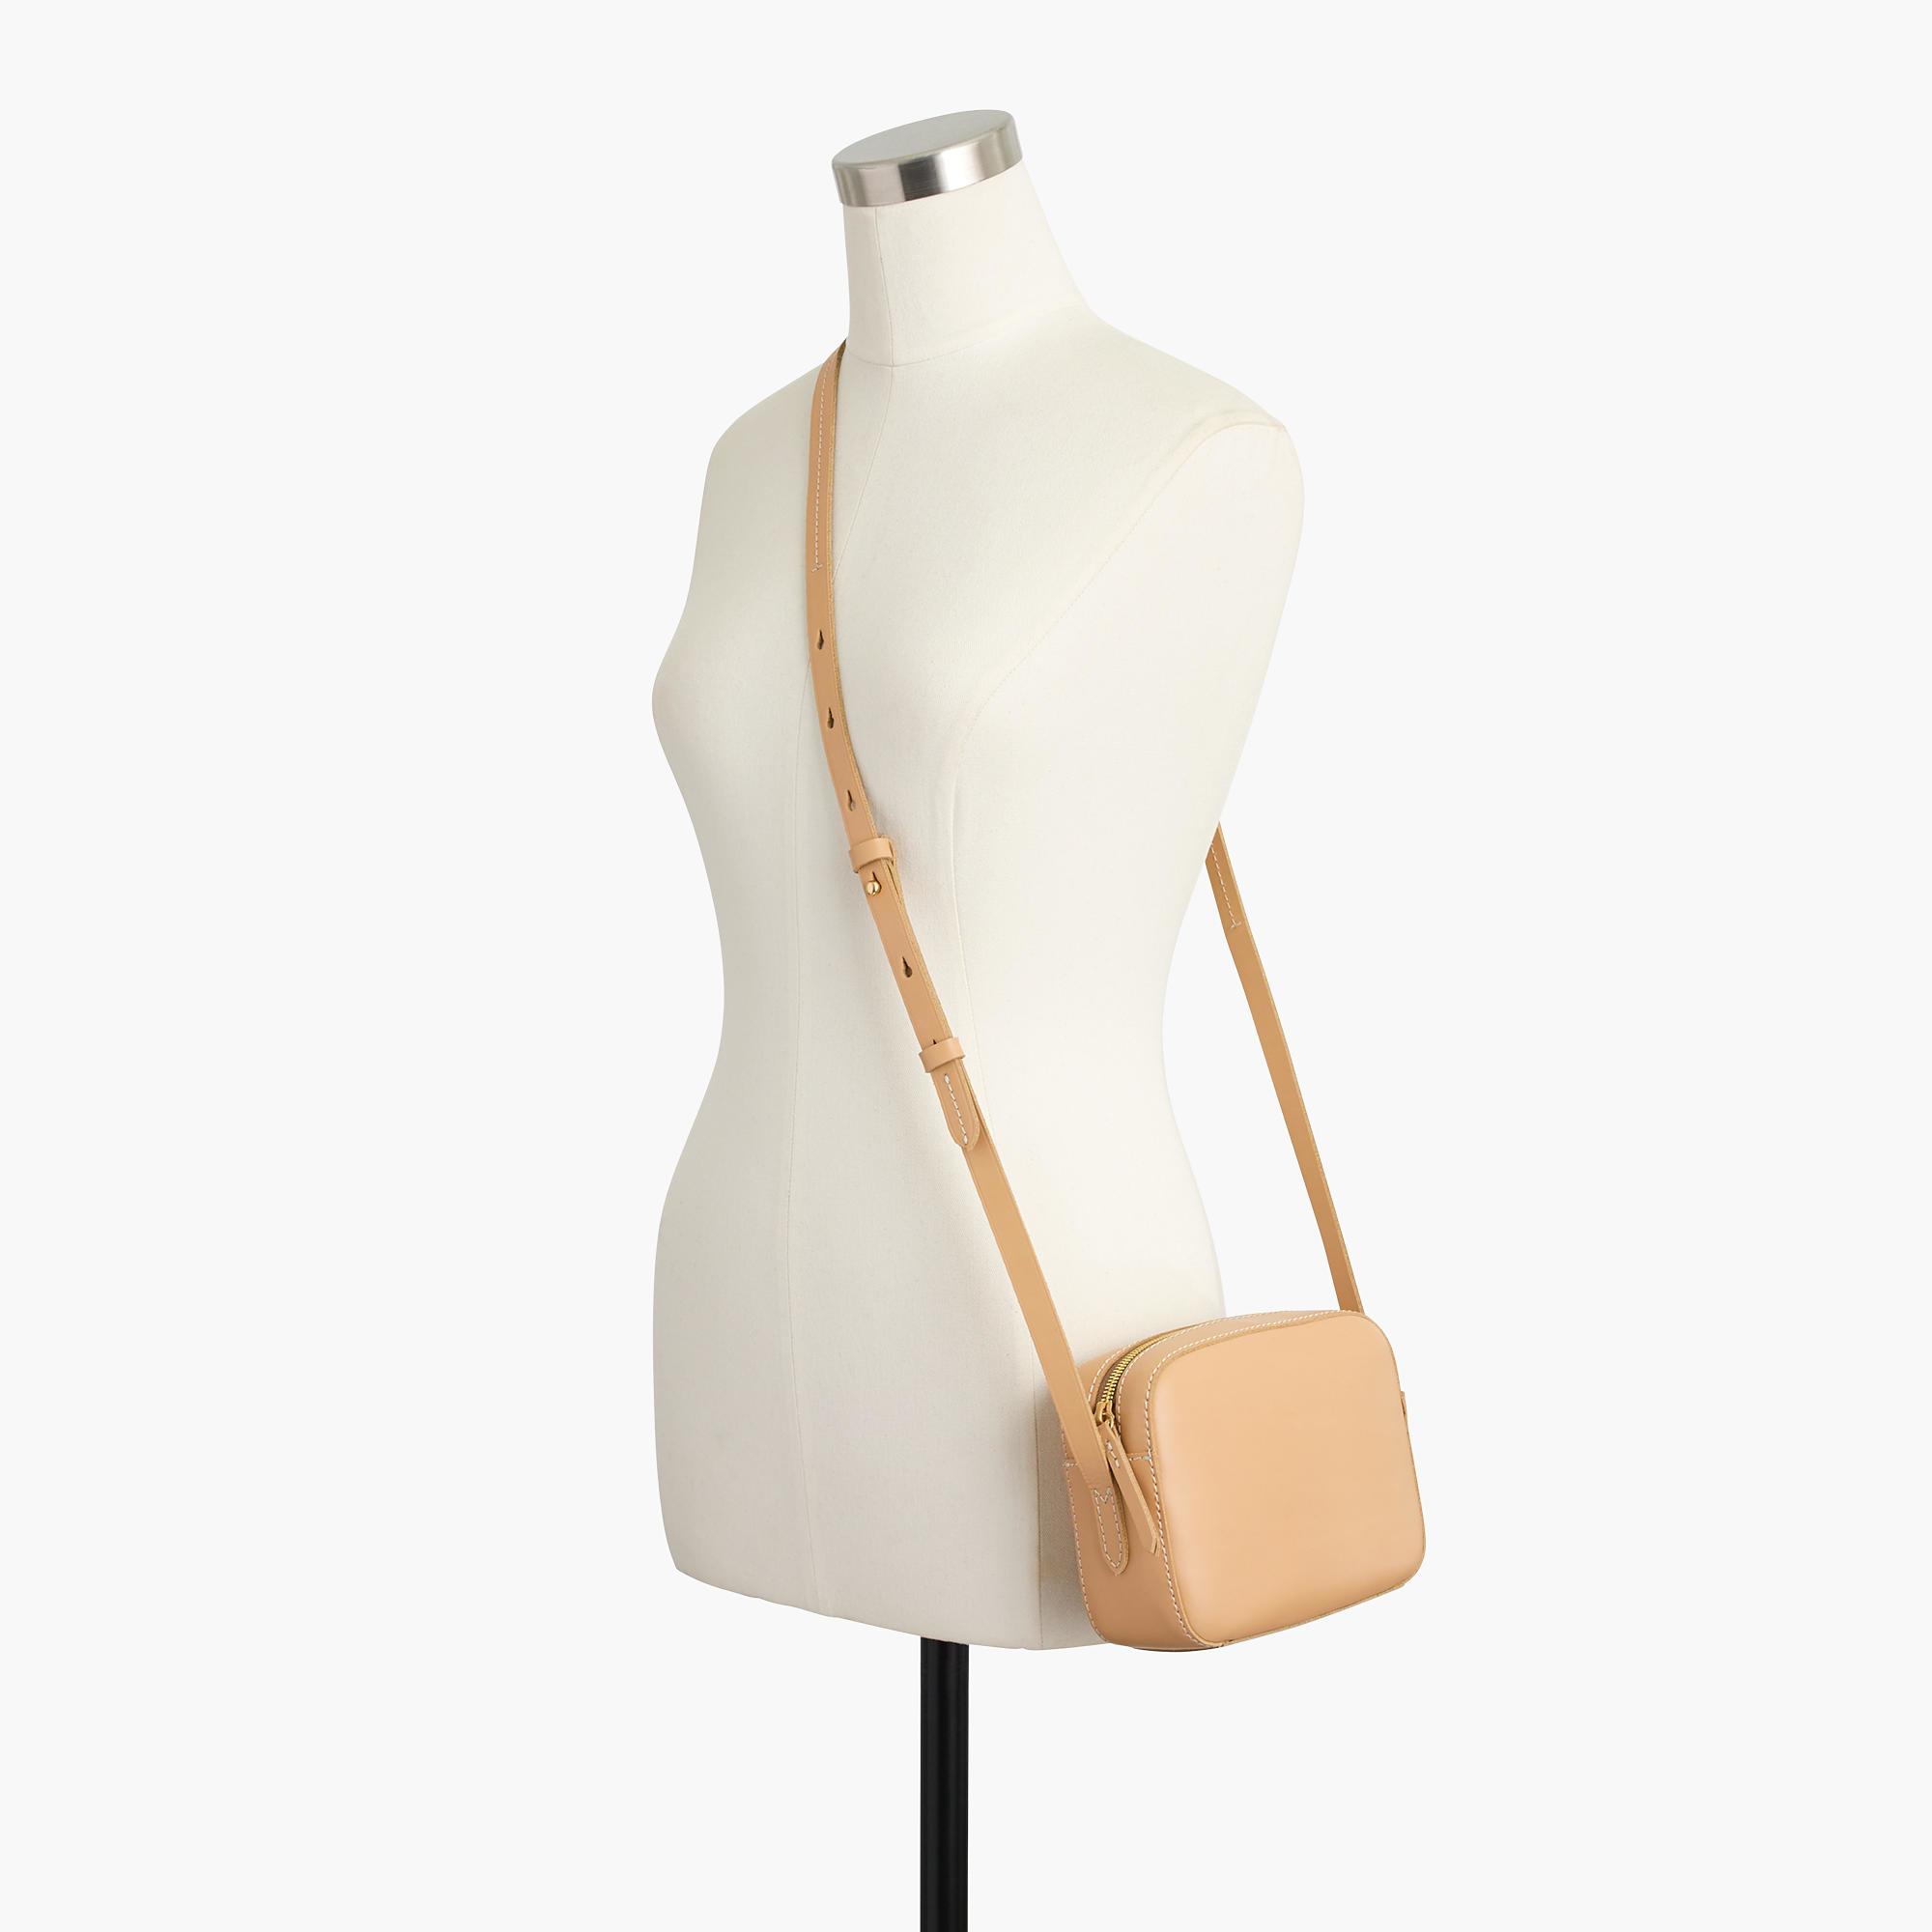 J.Crew Marlo Crossbody Bag in Natural